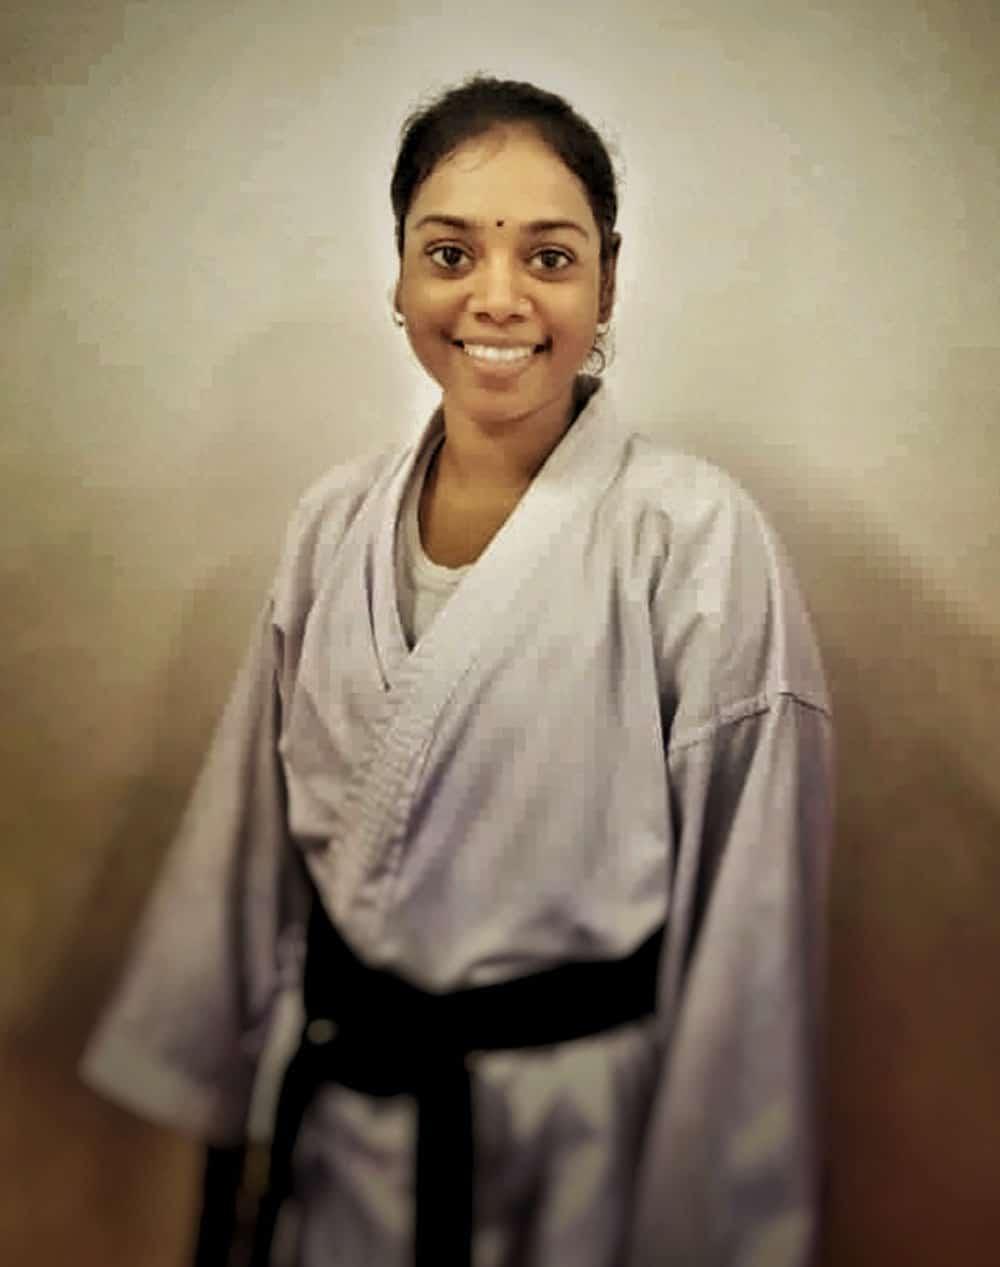 Senpai Sathana Krishnan